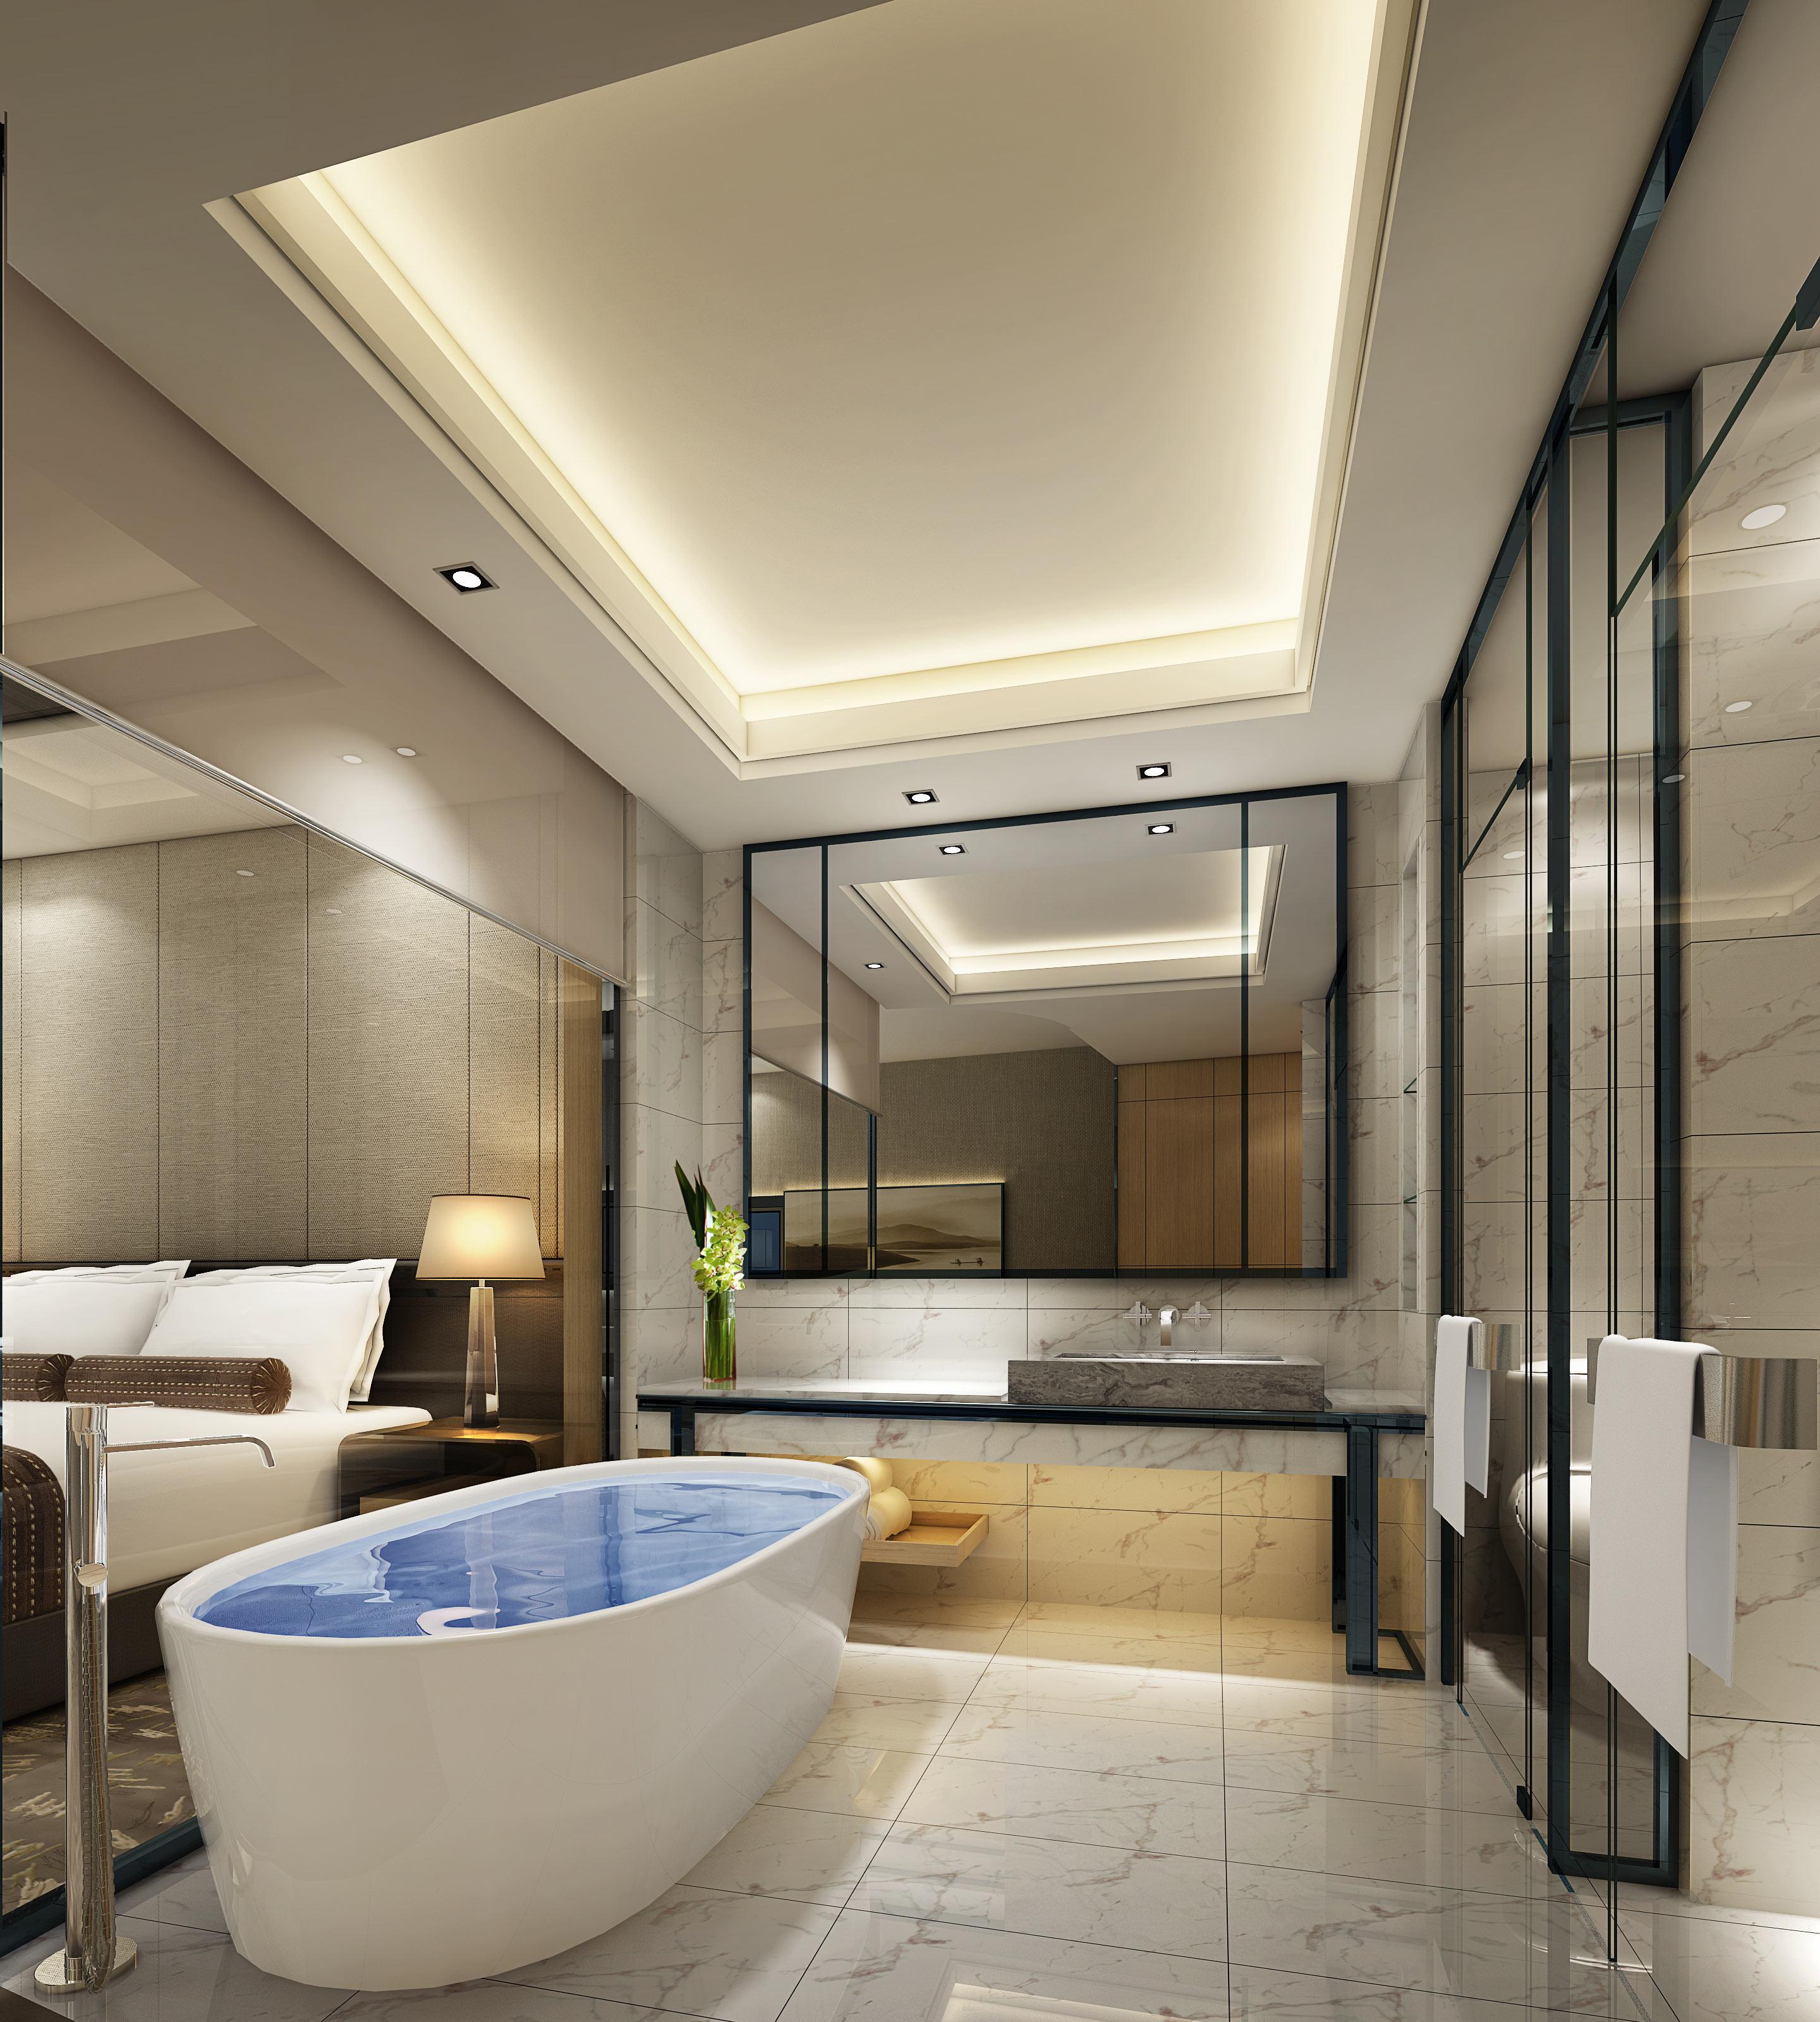 2011-10-10-上海伯尔曼单人房洗手间0000.jpg